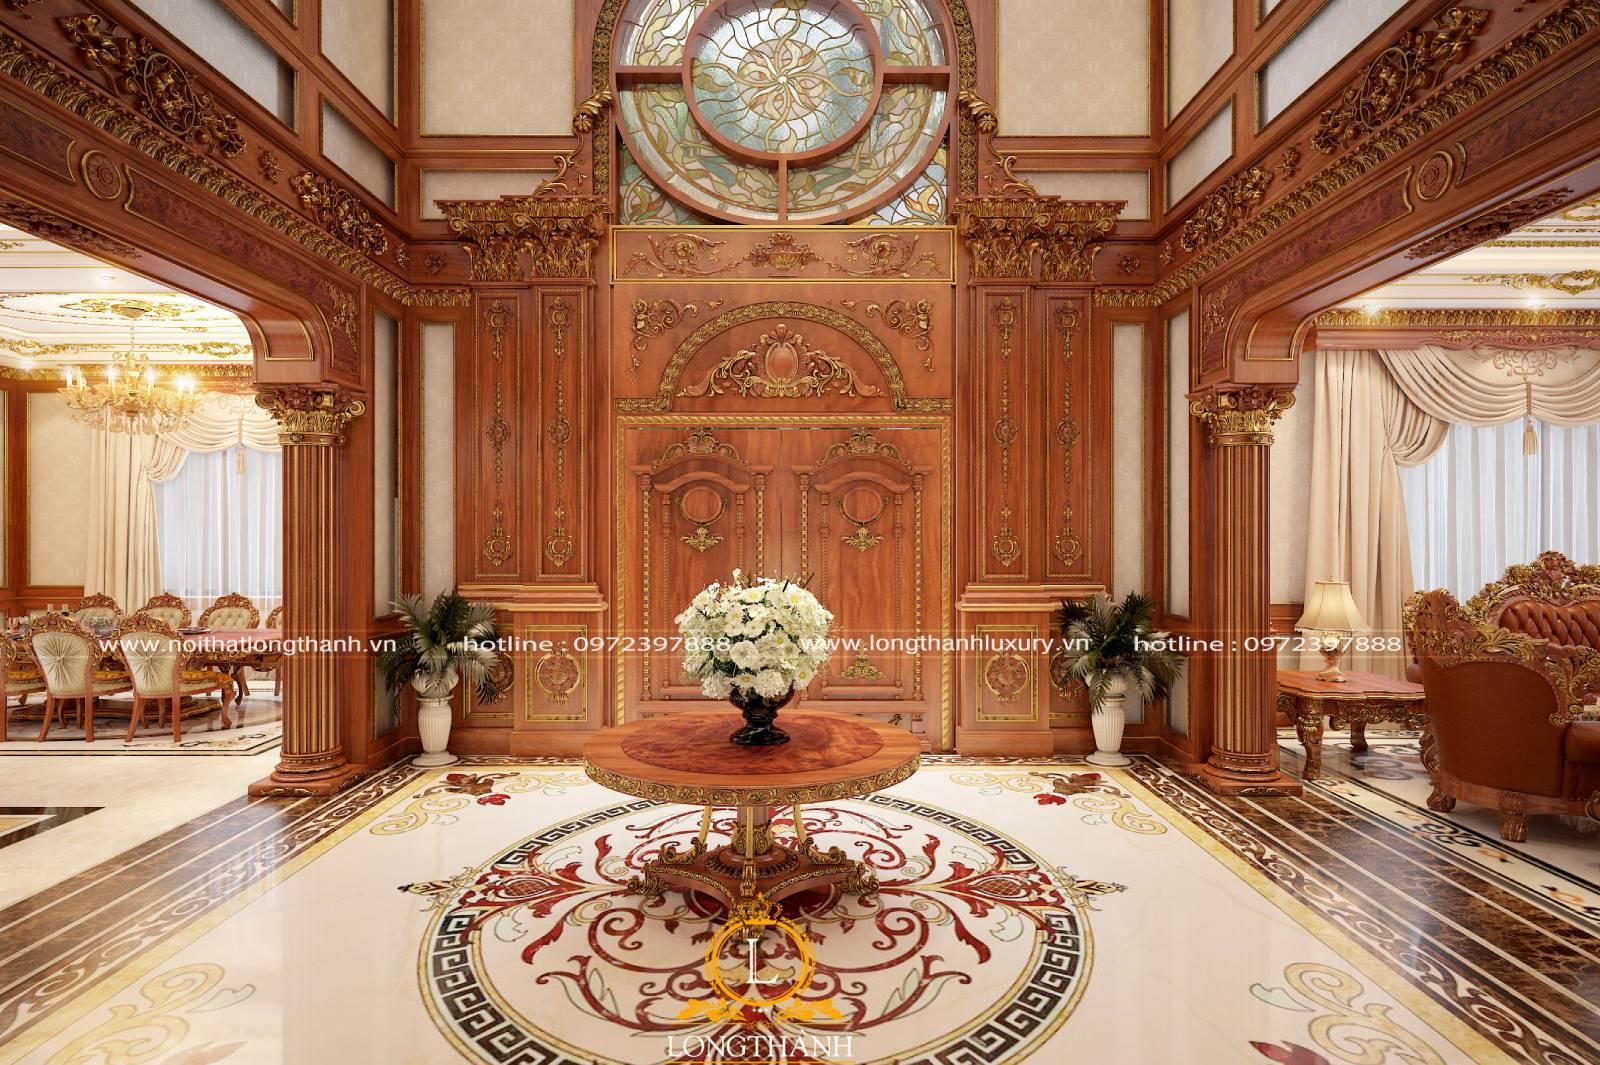 3 mẫu cửa gỗ tự nhiên đẹp nhất tại nội thất Long Thành